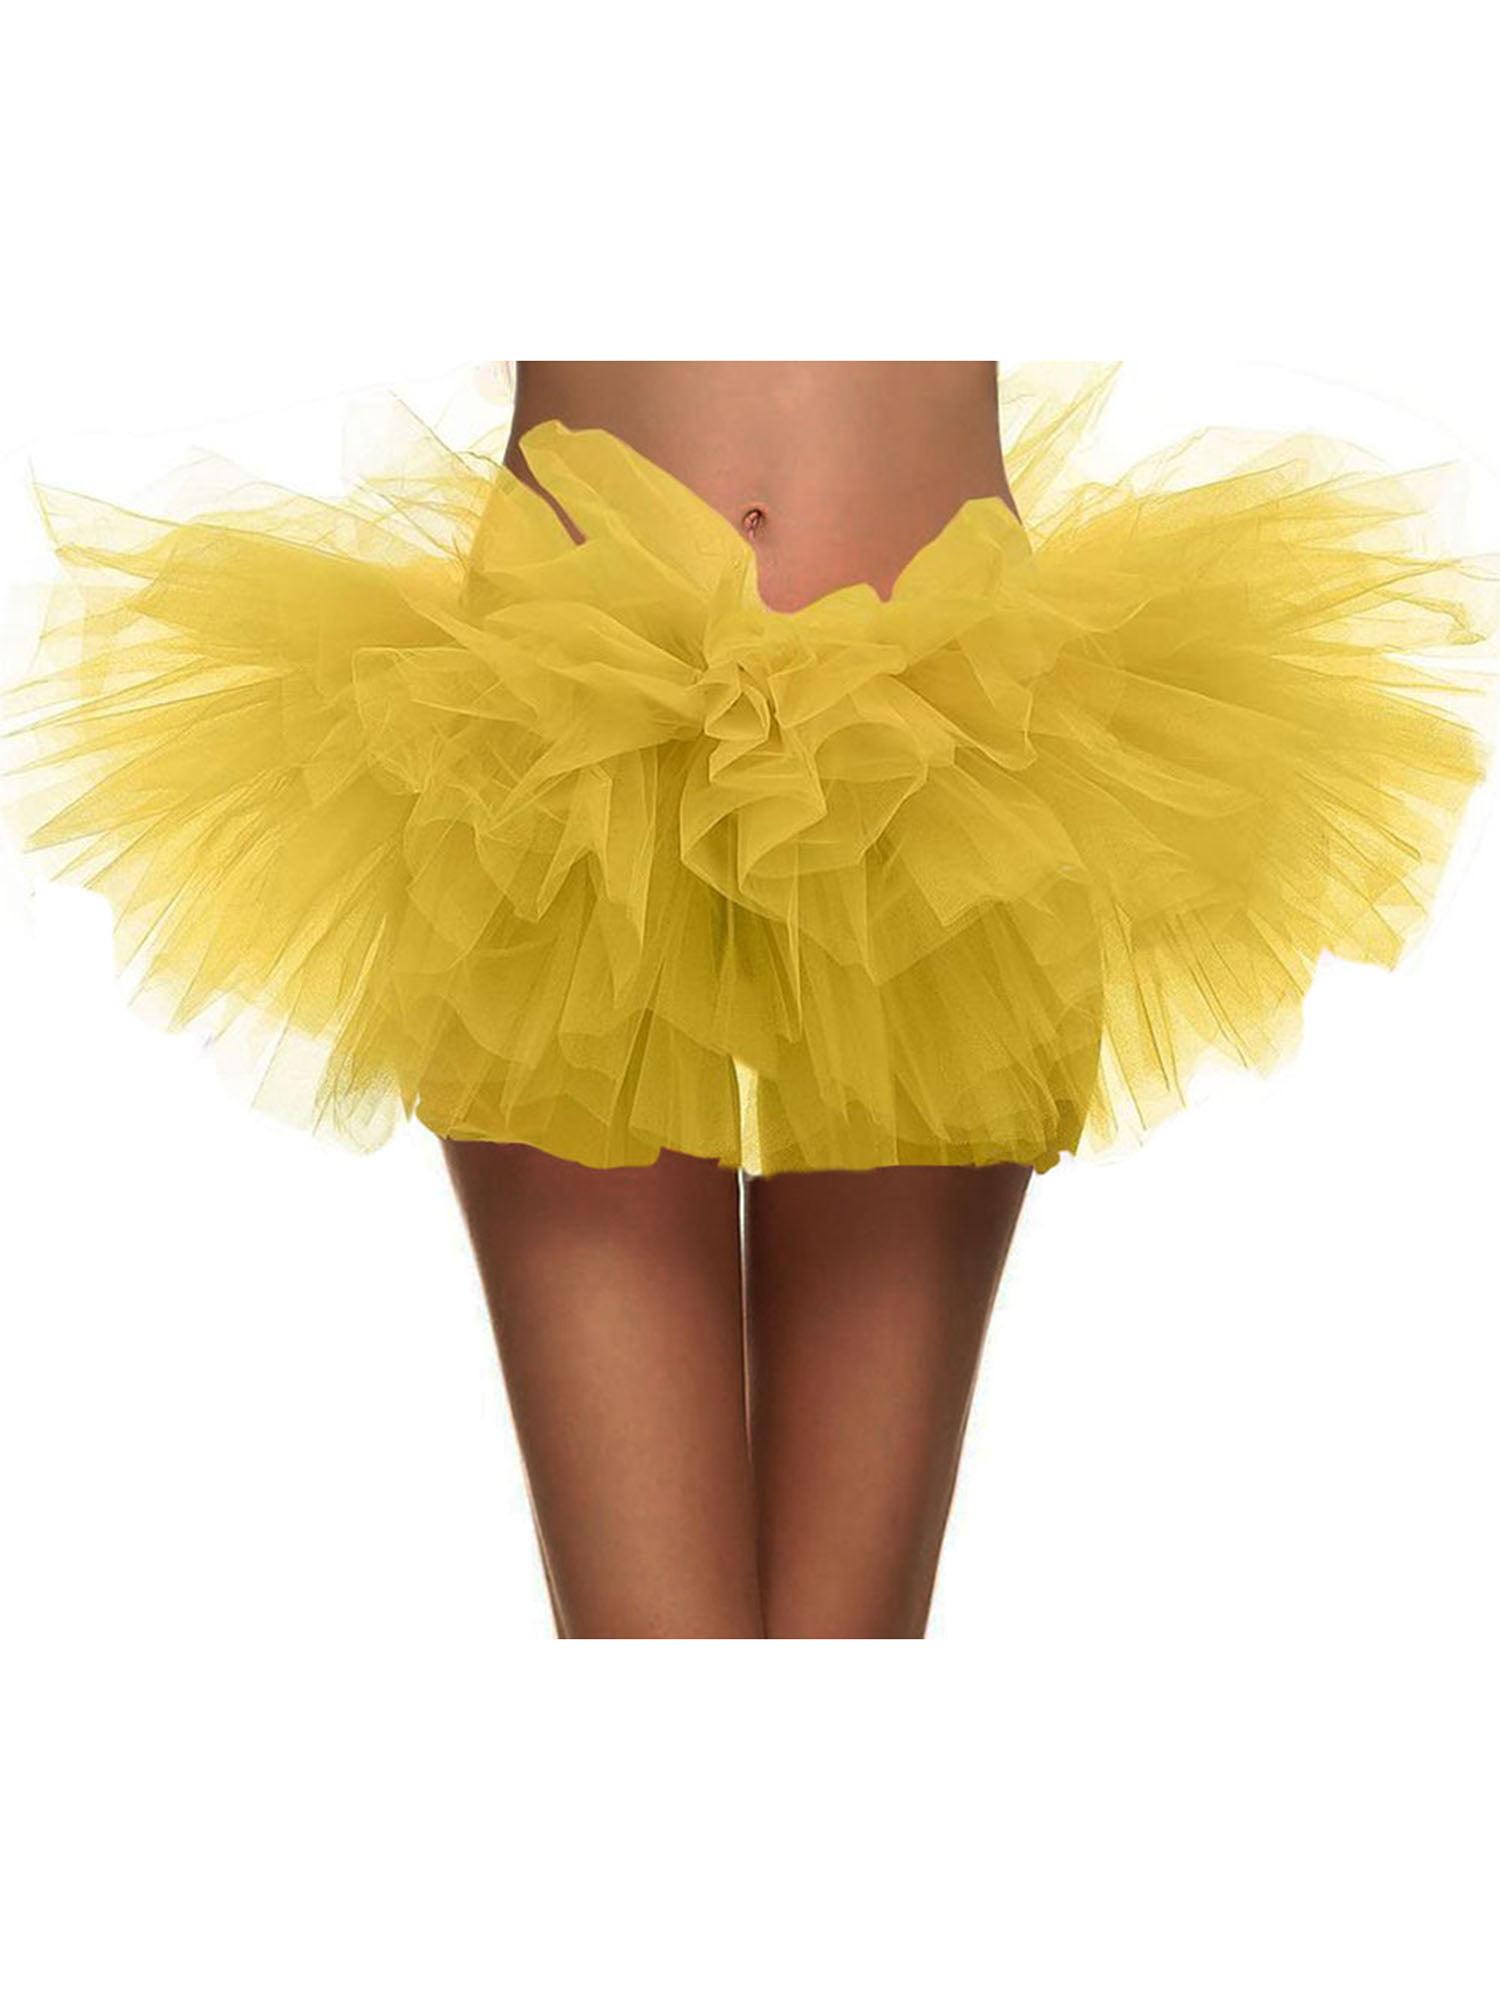 Womens Retro 5 Layers Tulle Cosplay Costume Dance Tutu Skirt